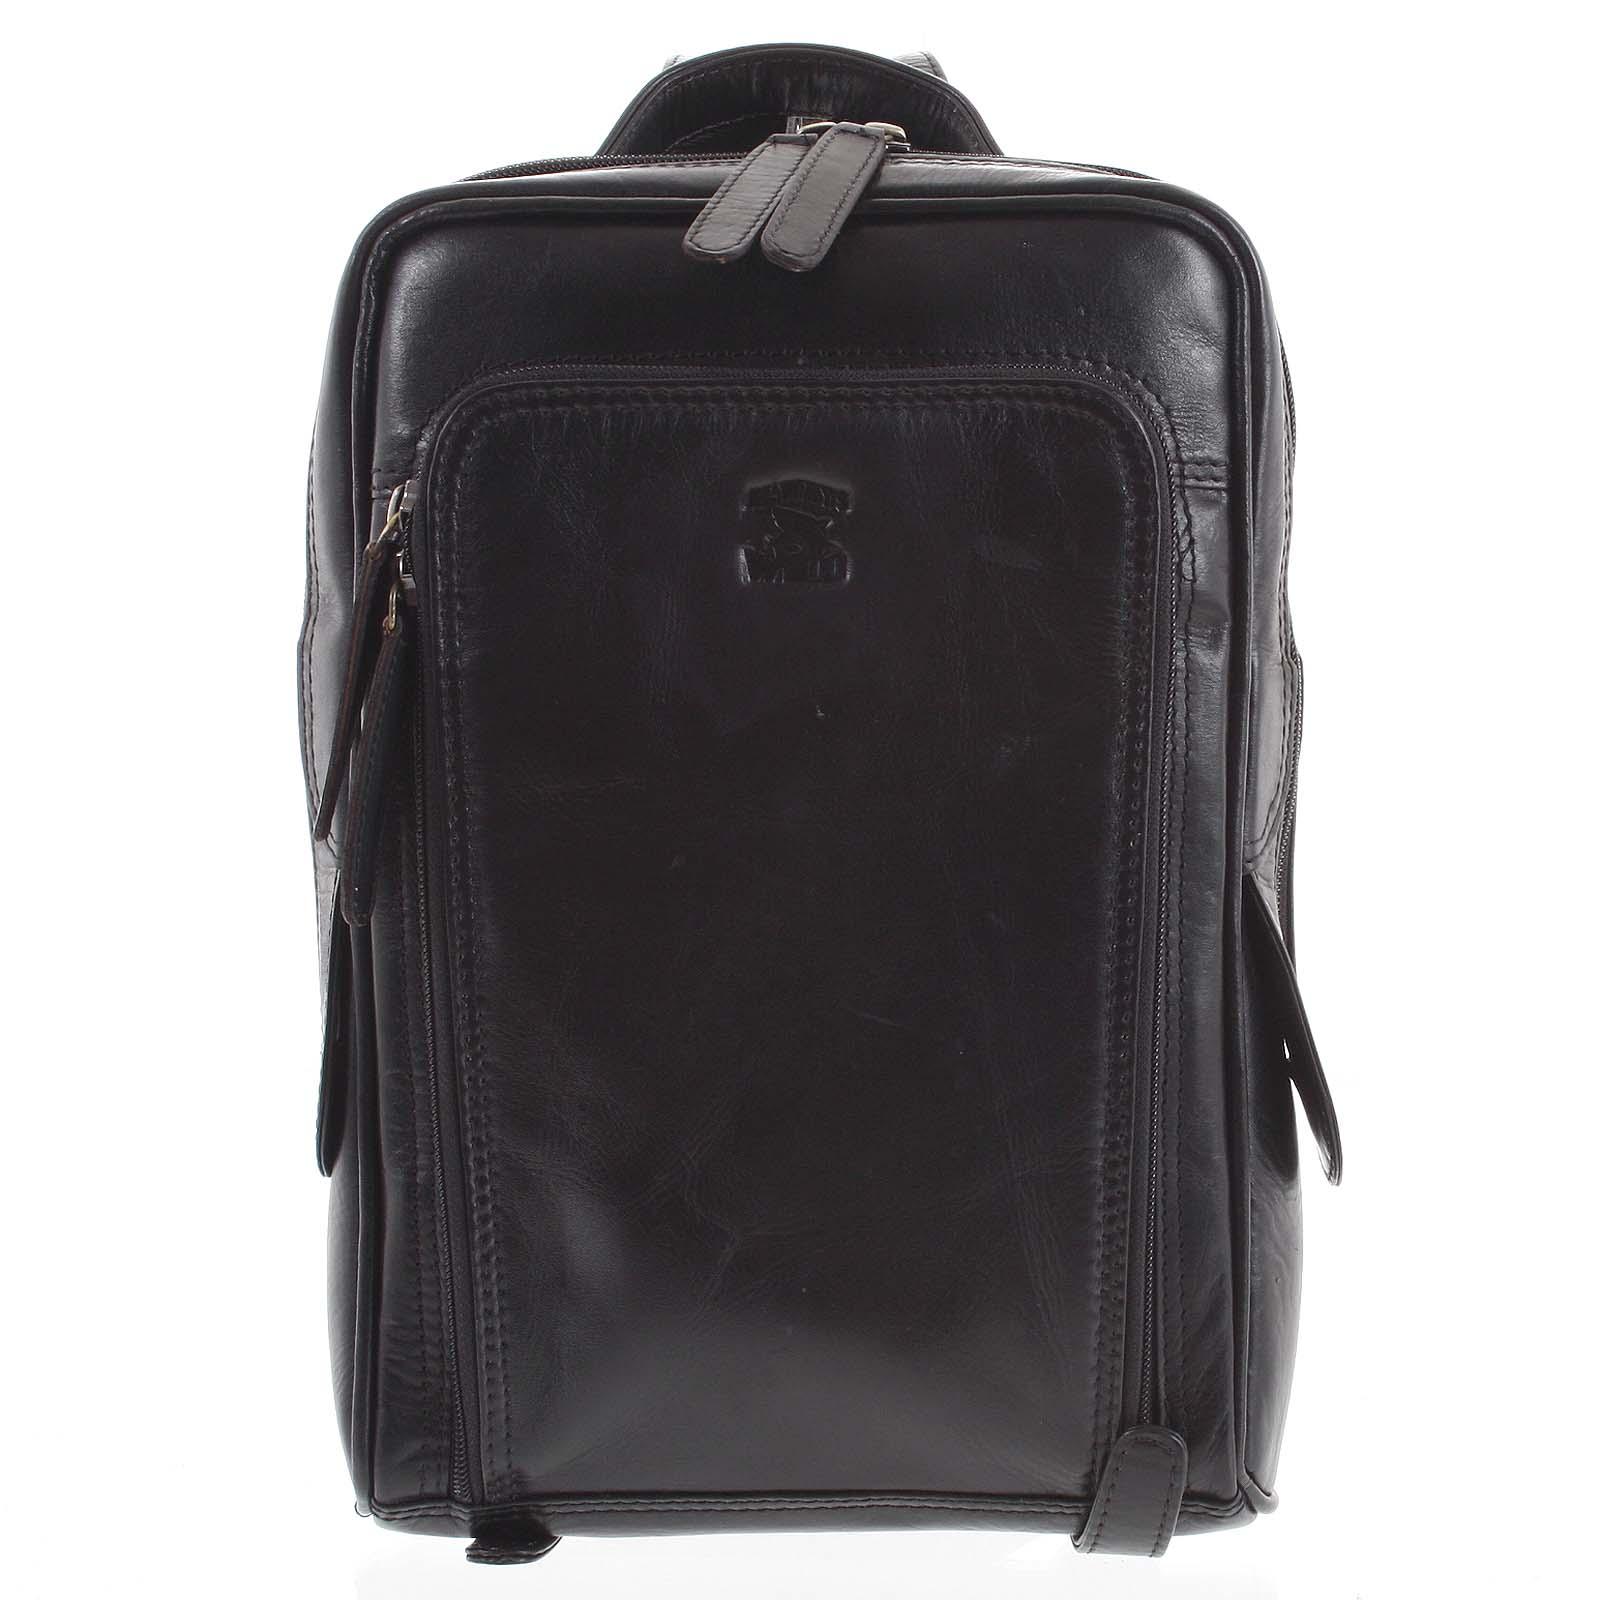 Malý kožený batoh čierny - WILD Abraham čierna